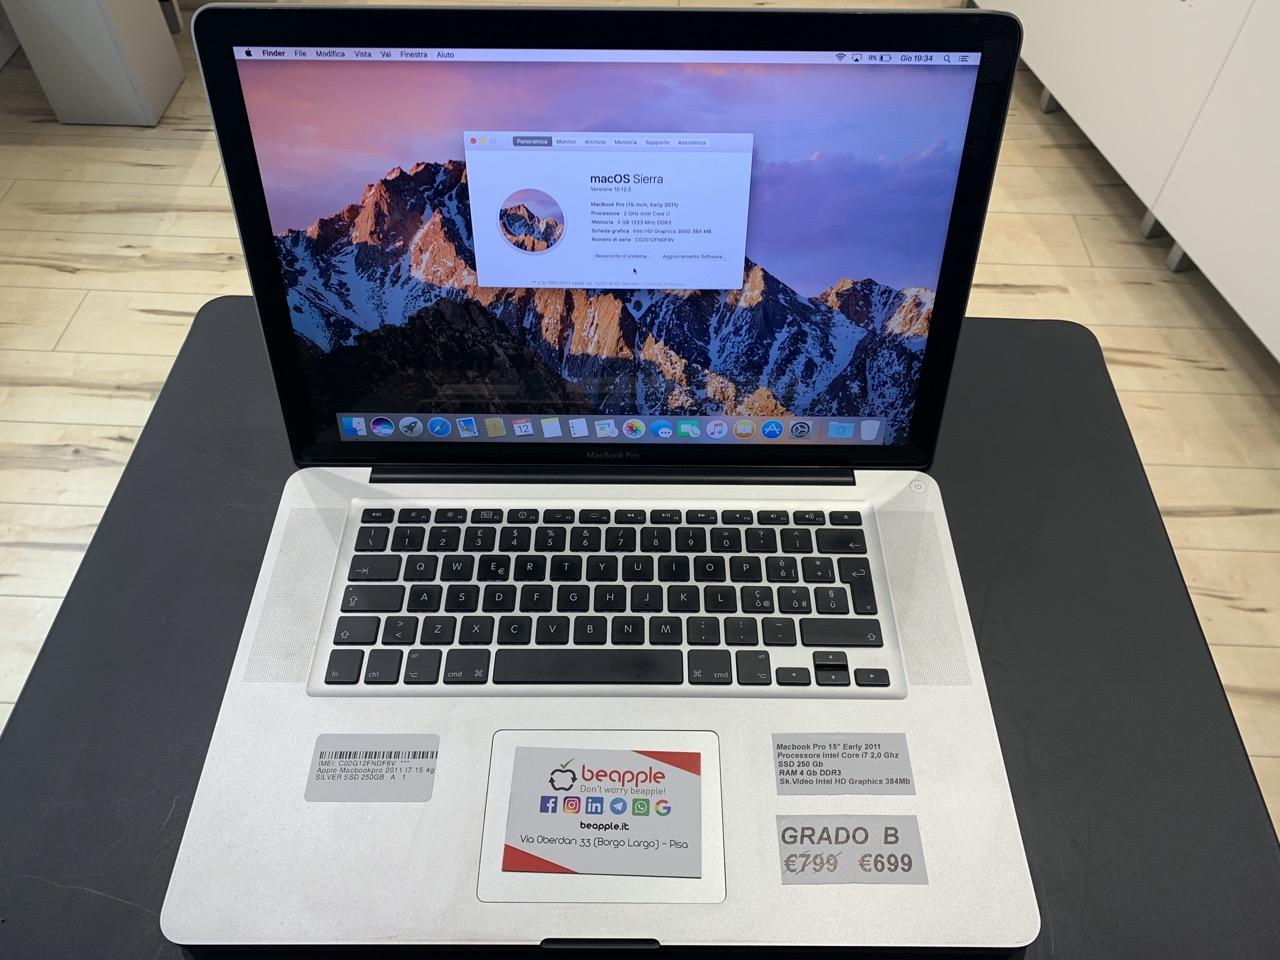 Apple MacBook Pro 15.4″ intel® Quad-Core i7 2.0GHz Early 2011 (Ricondizionato)